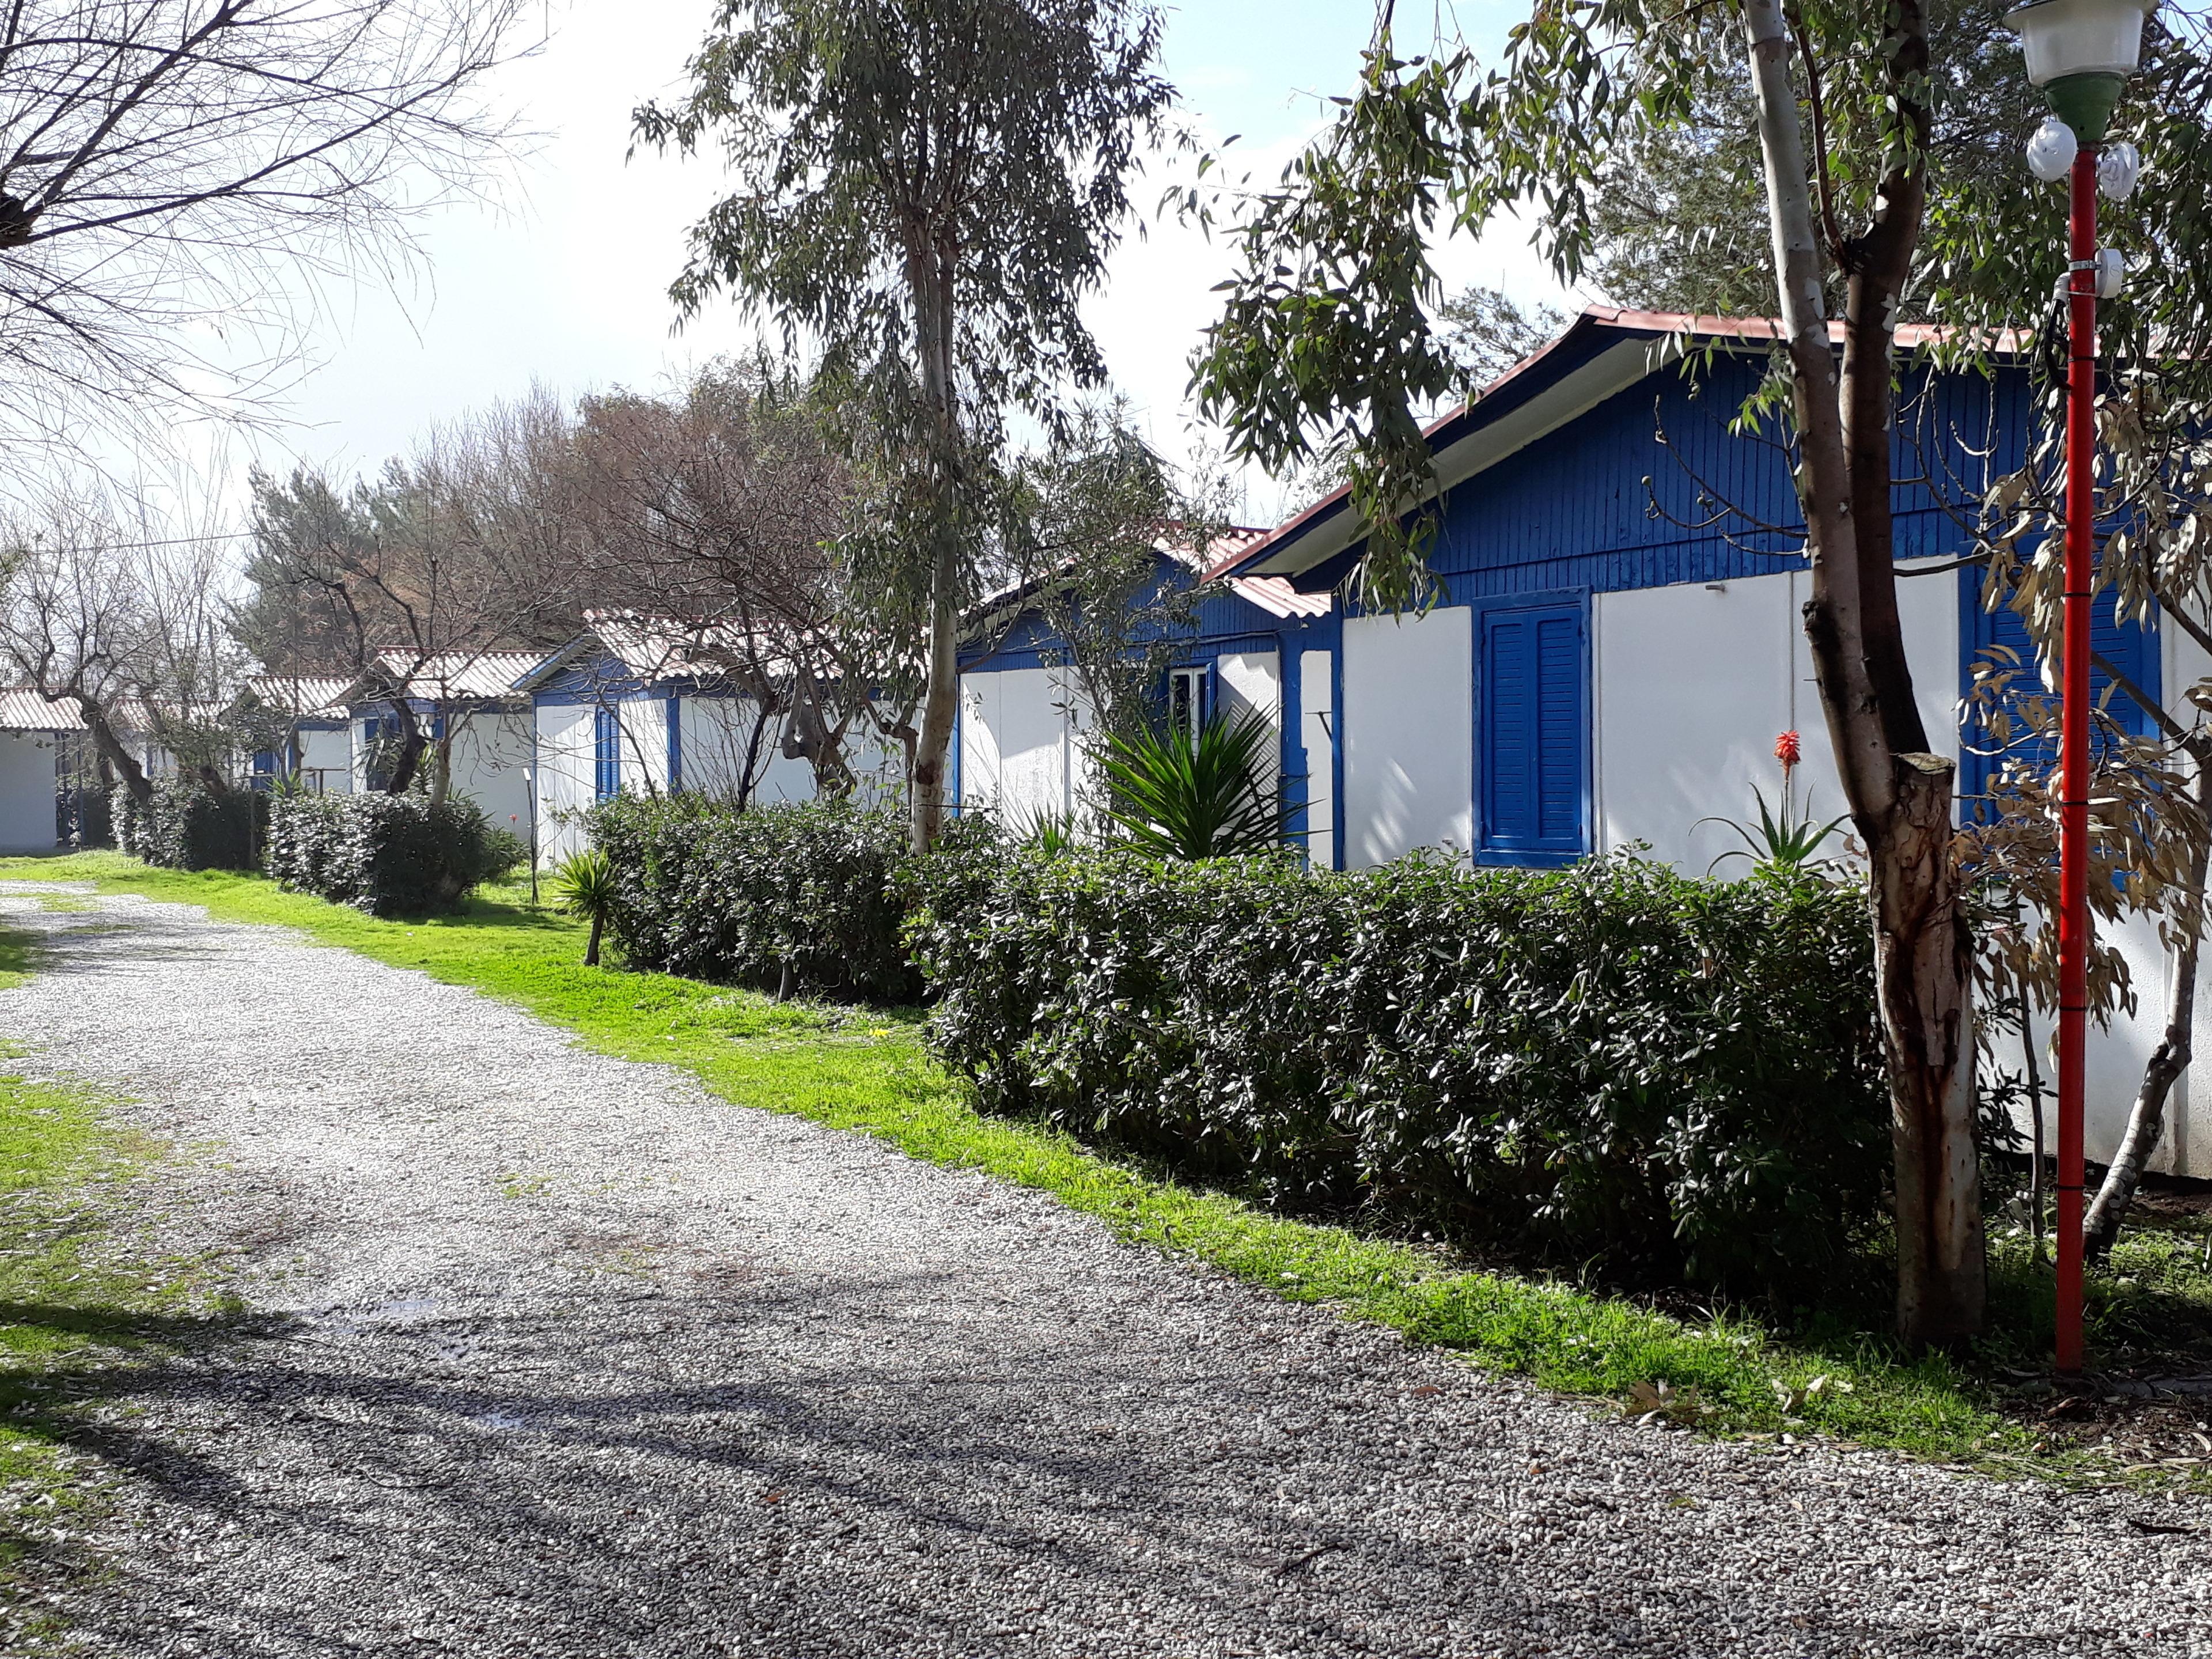 Ferienhaus 4 Personen Bungalow (2713407), Licinella, Salerno, Kampanien, Italien, Bild 6